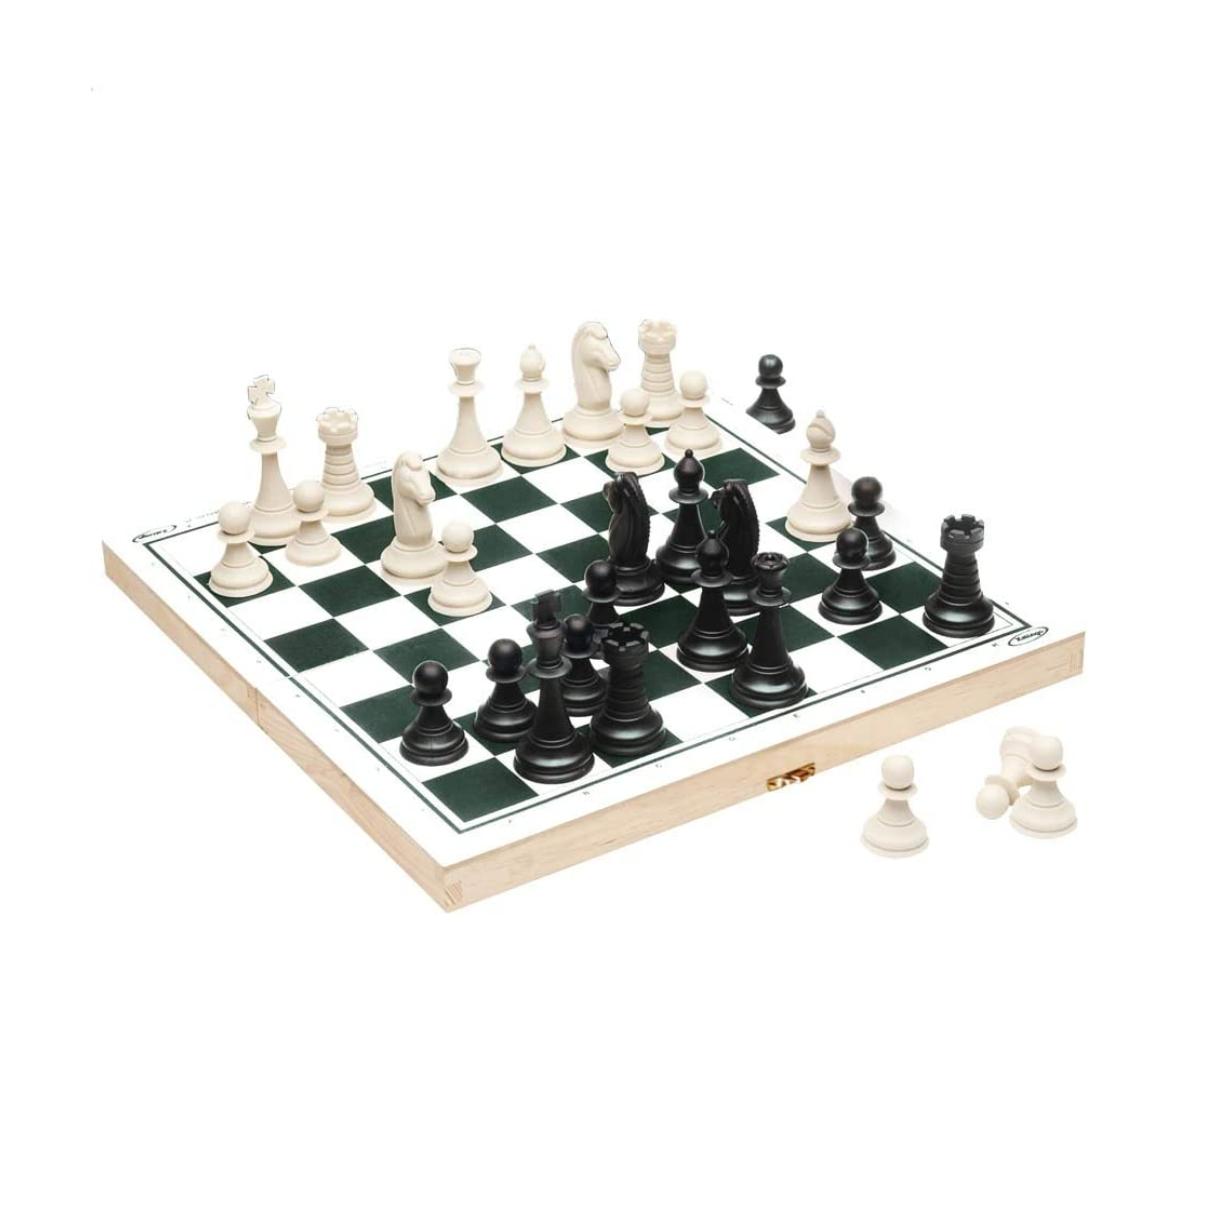 Jogo De Xadrez Com Tabuleiro De Madeira - Xalingo 60009